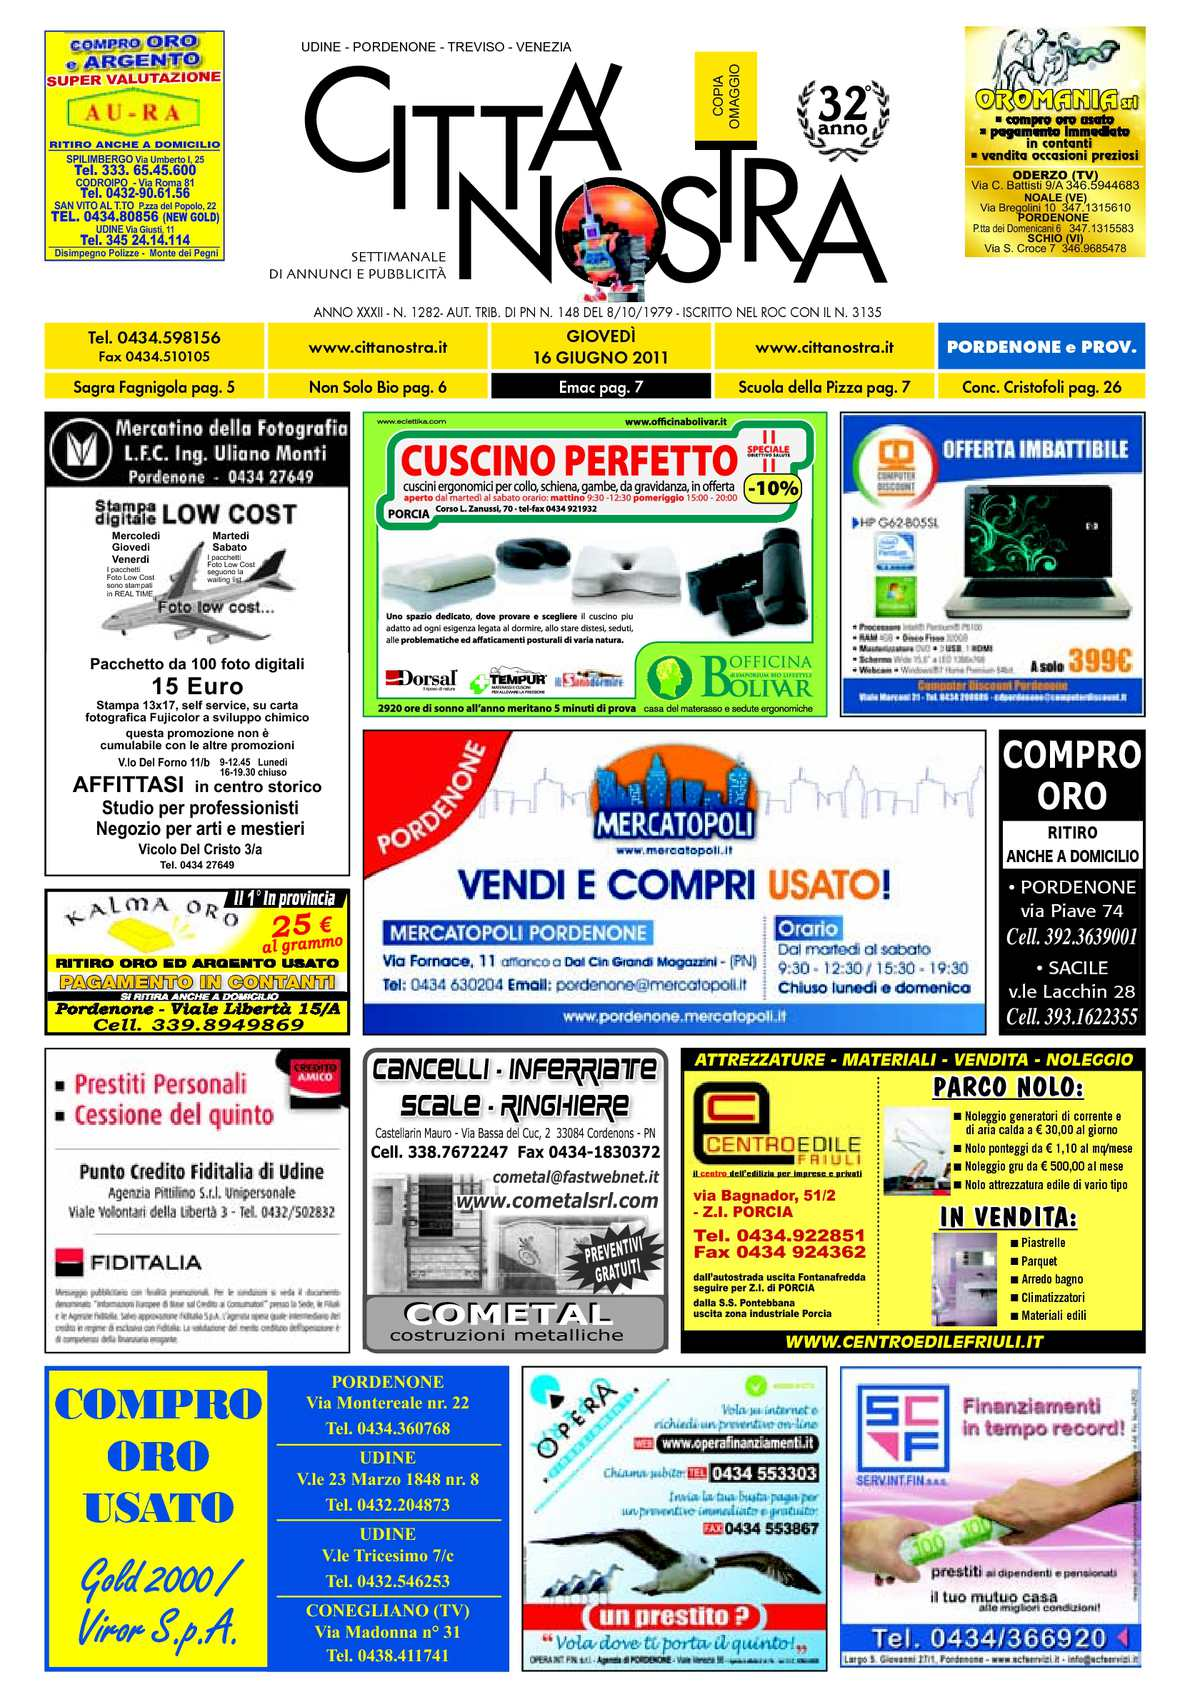 Calaméo Citt Nostra Pordenone Del 16 06 2011 N 1282